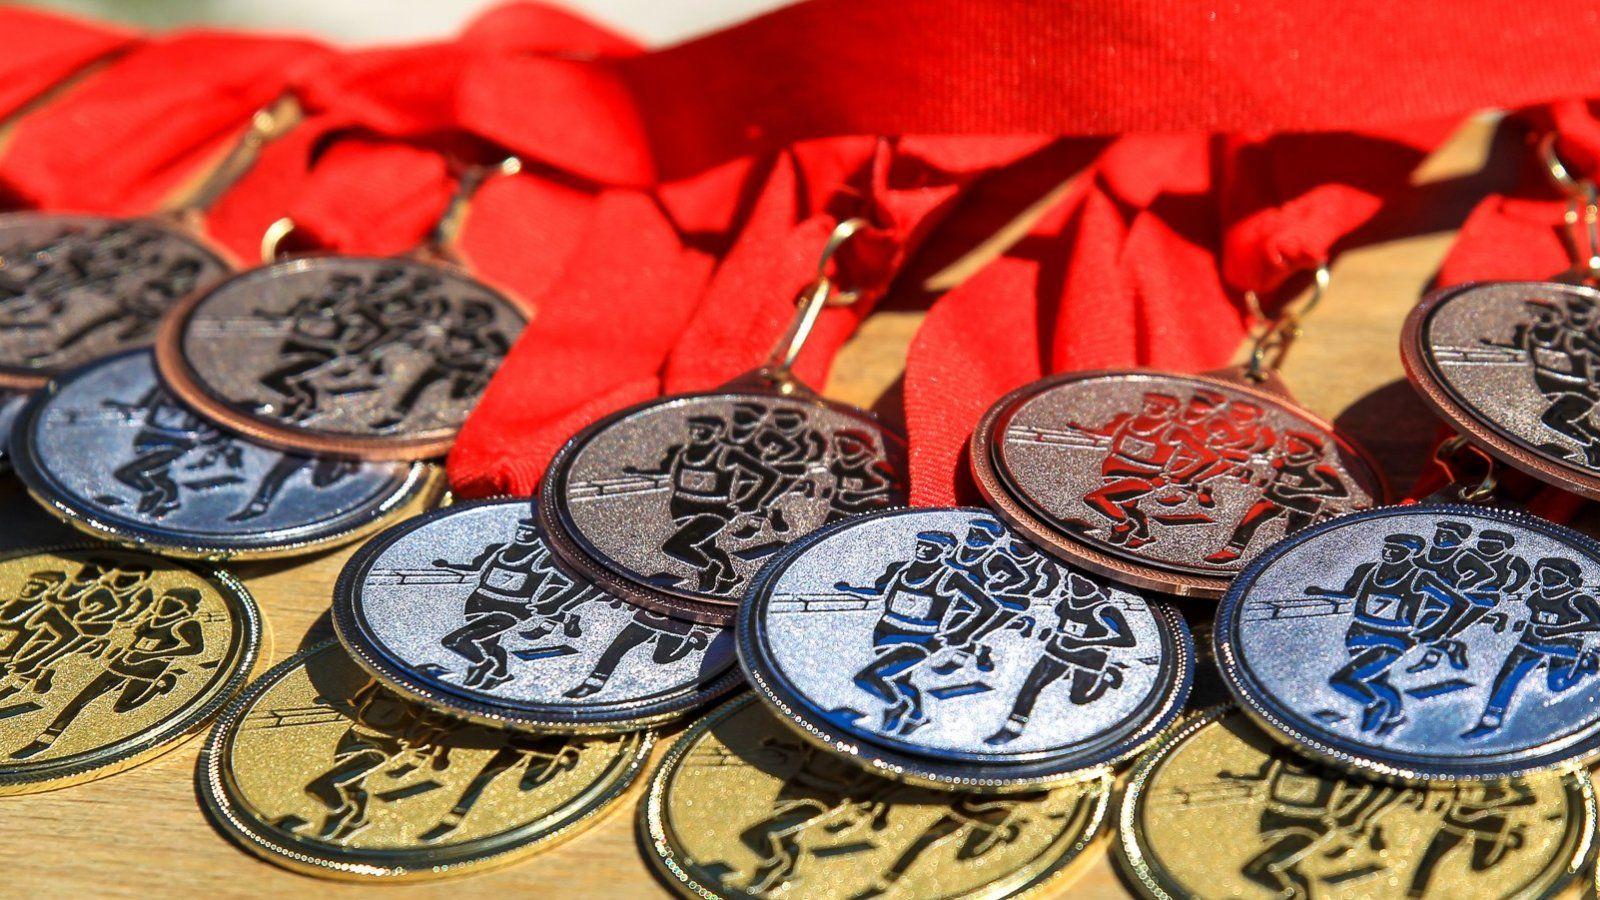 Érmek a 37. Tatai Minimaraton és Félmaraton futóversenyen